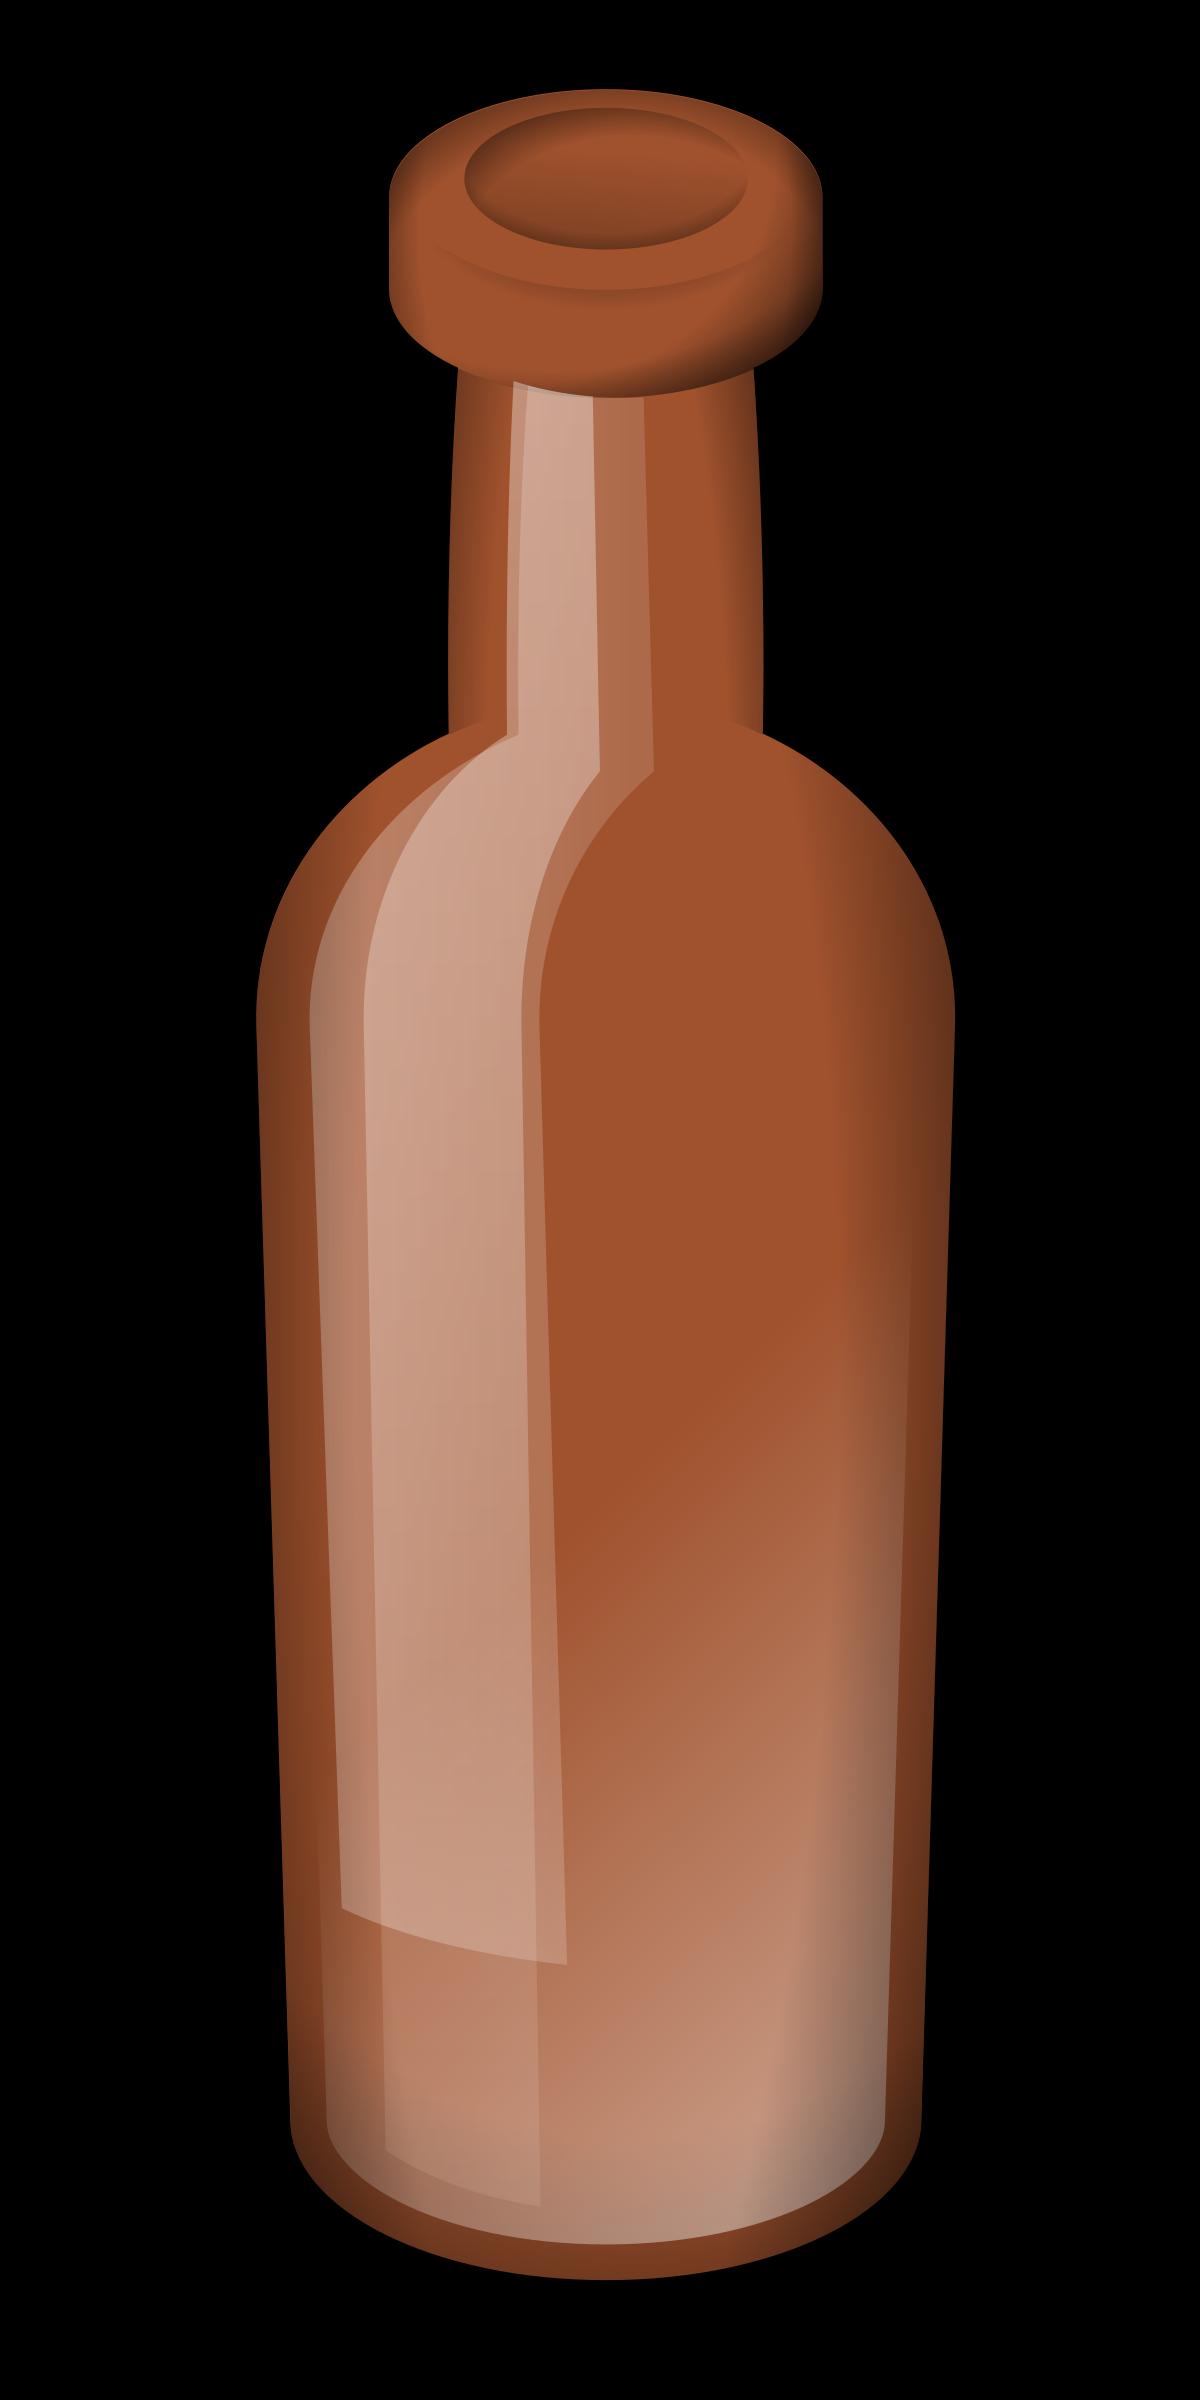 Clipart beer jar. Bottle big image png